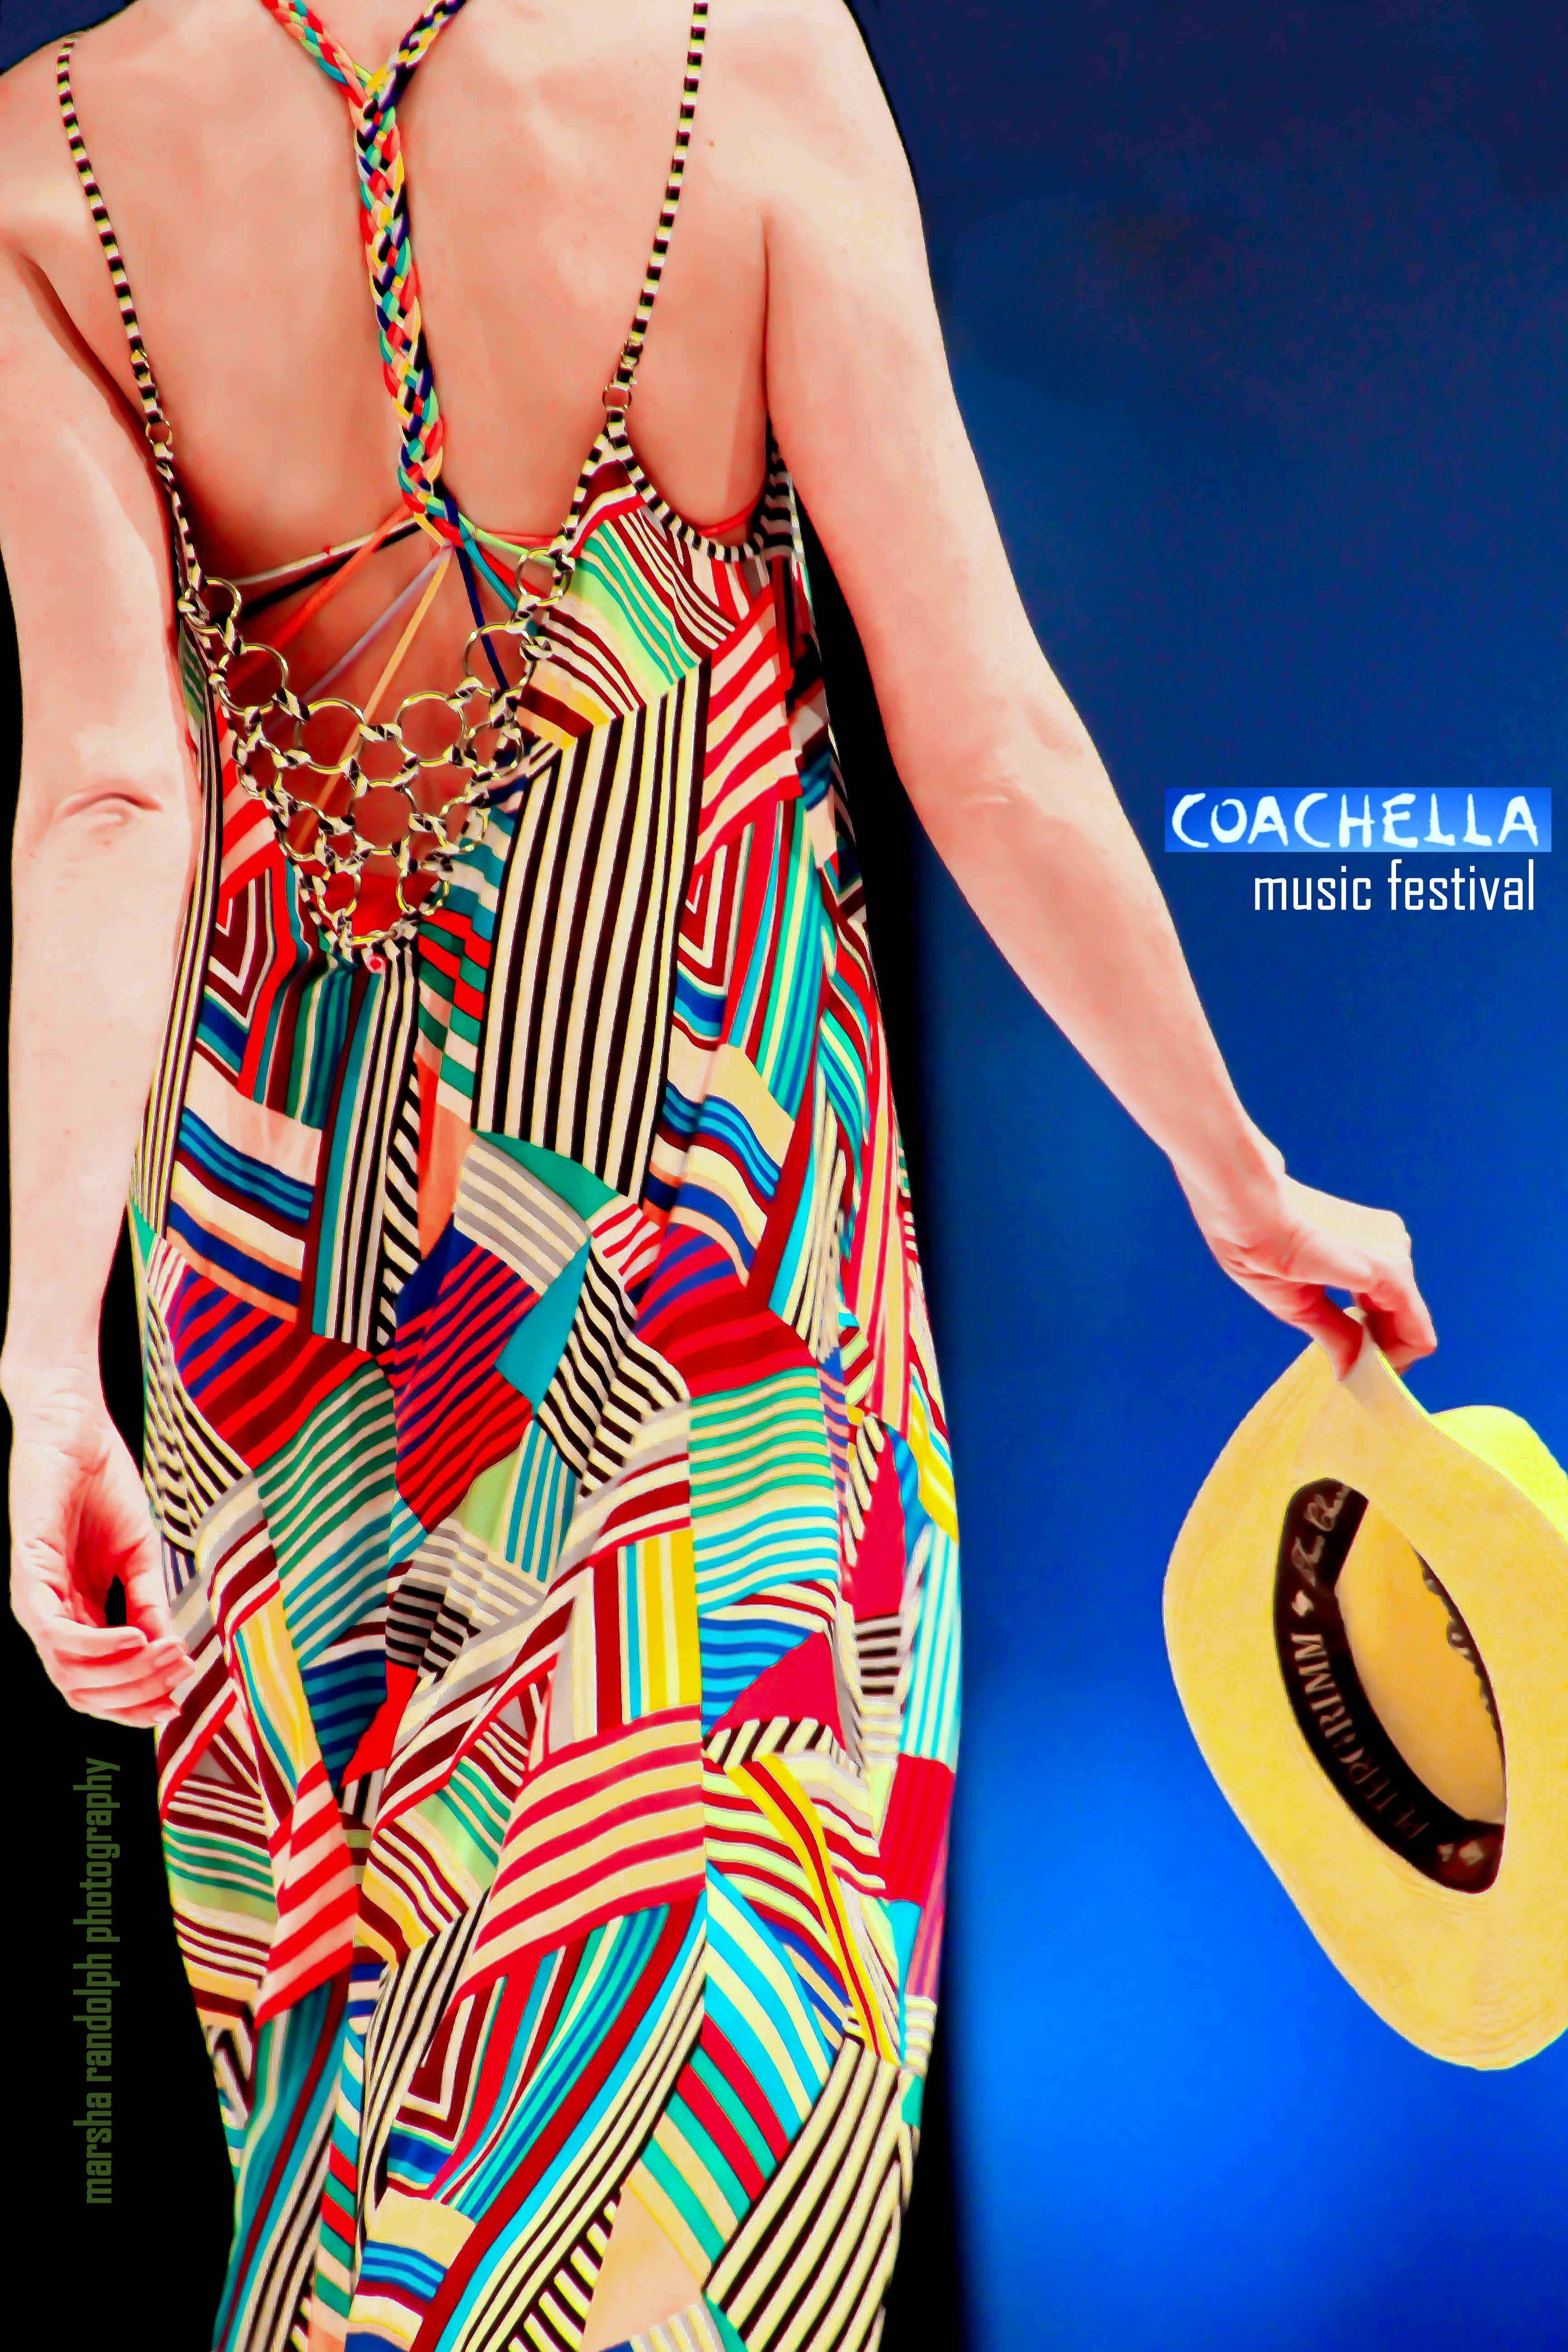 Content Coachella Music festival_MR